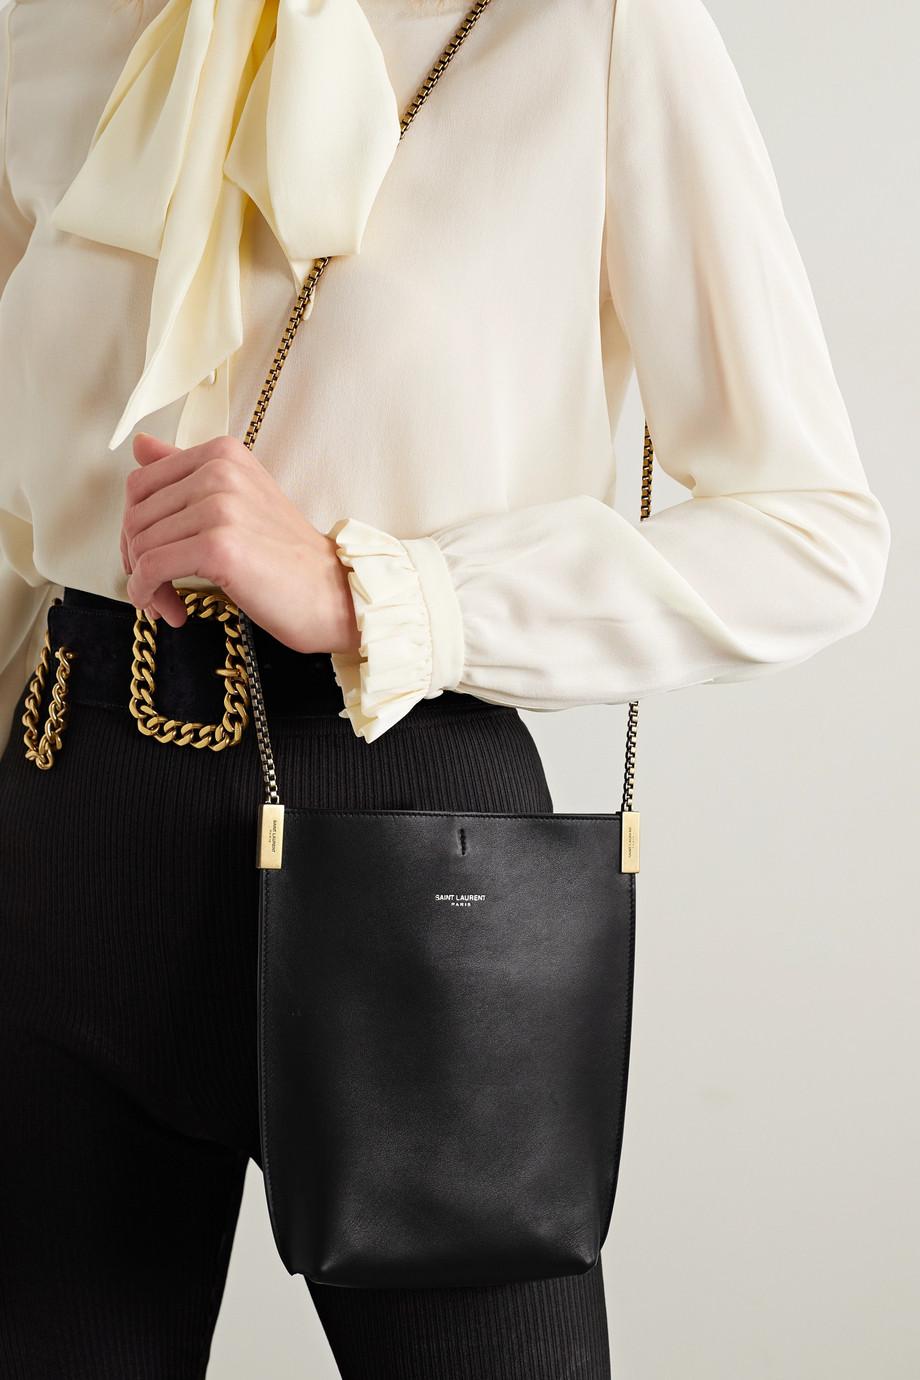 SAINT LAURENT Suzanne mini leather shoulder bag